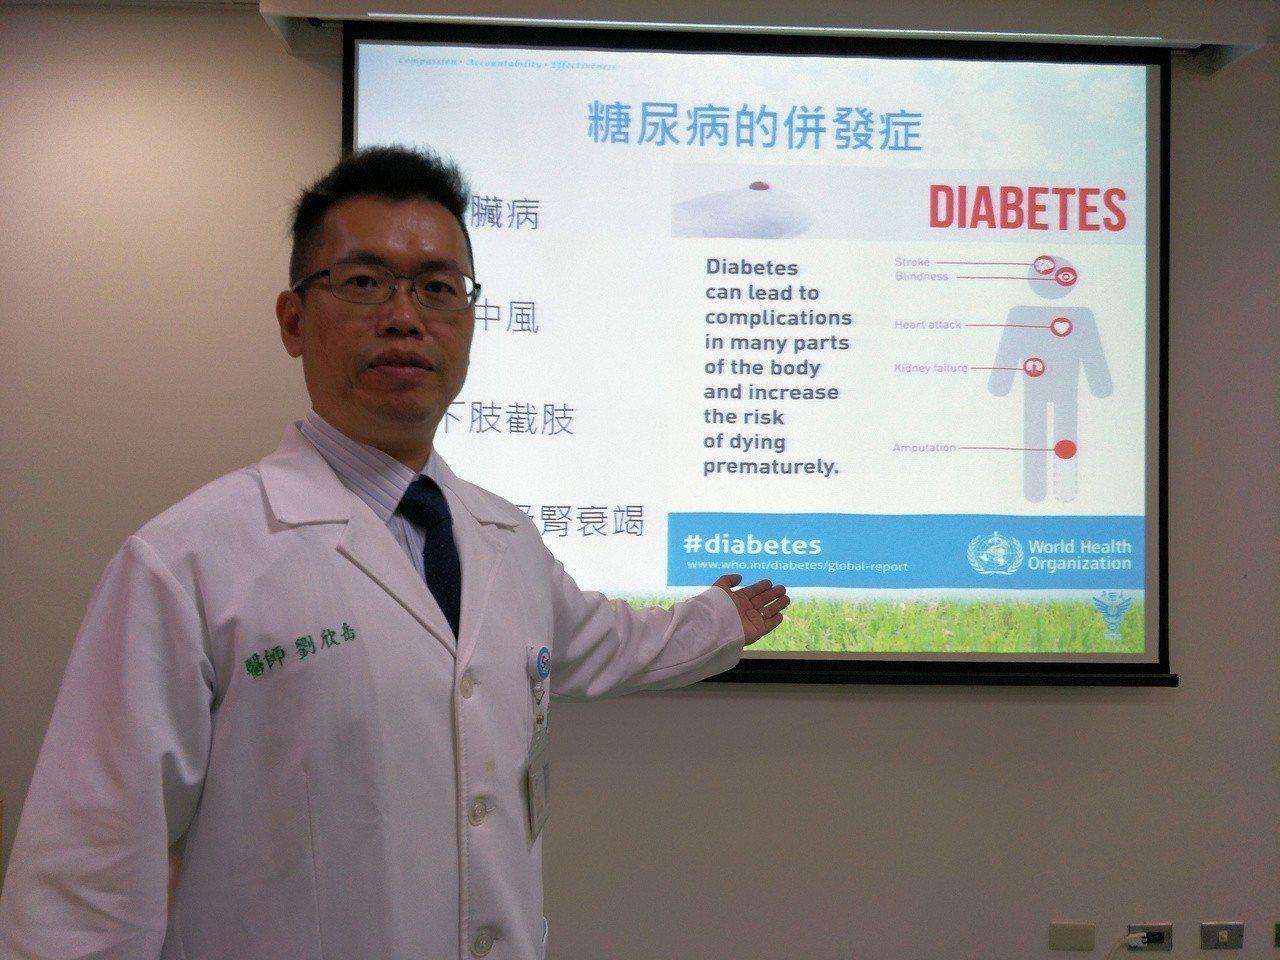 柳營奇美醫院內分泌科醫師劉欣岳提醒糖尿病患者,若僅接受藥物治療,沒正確自我管理觀...